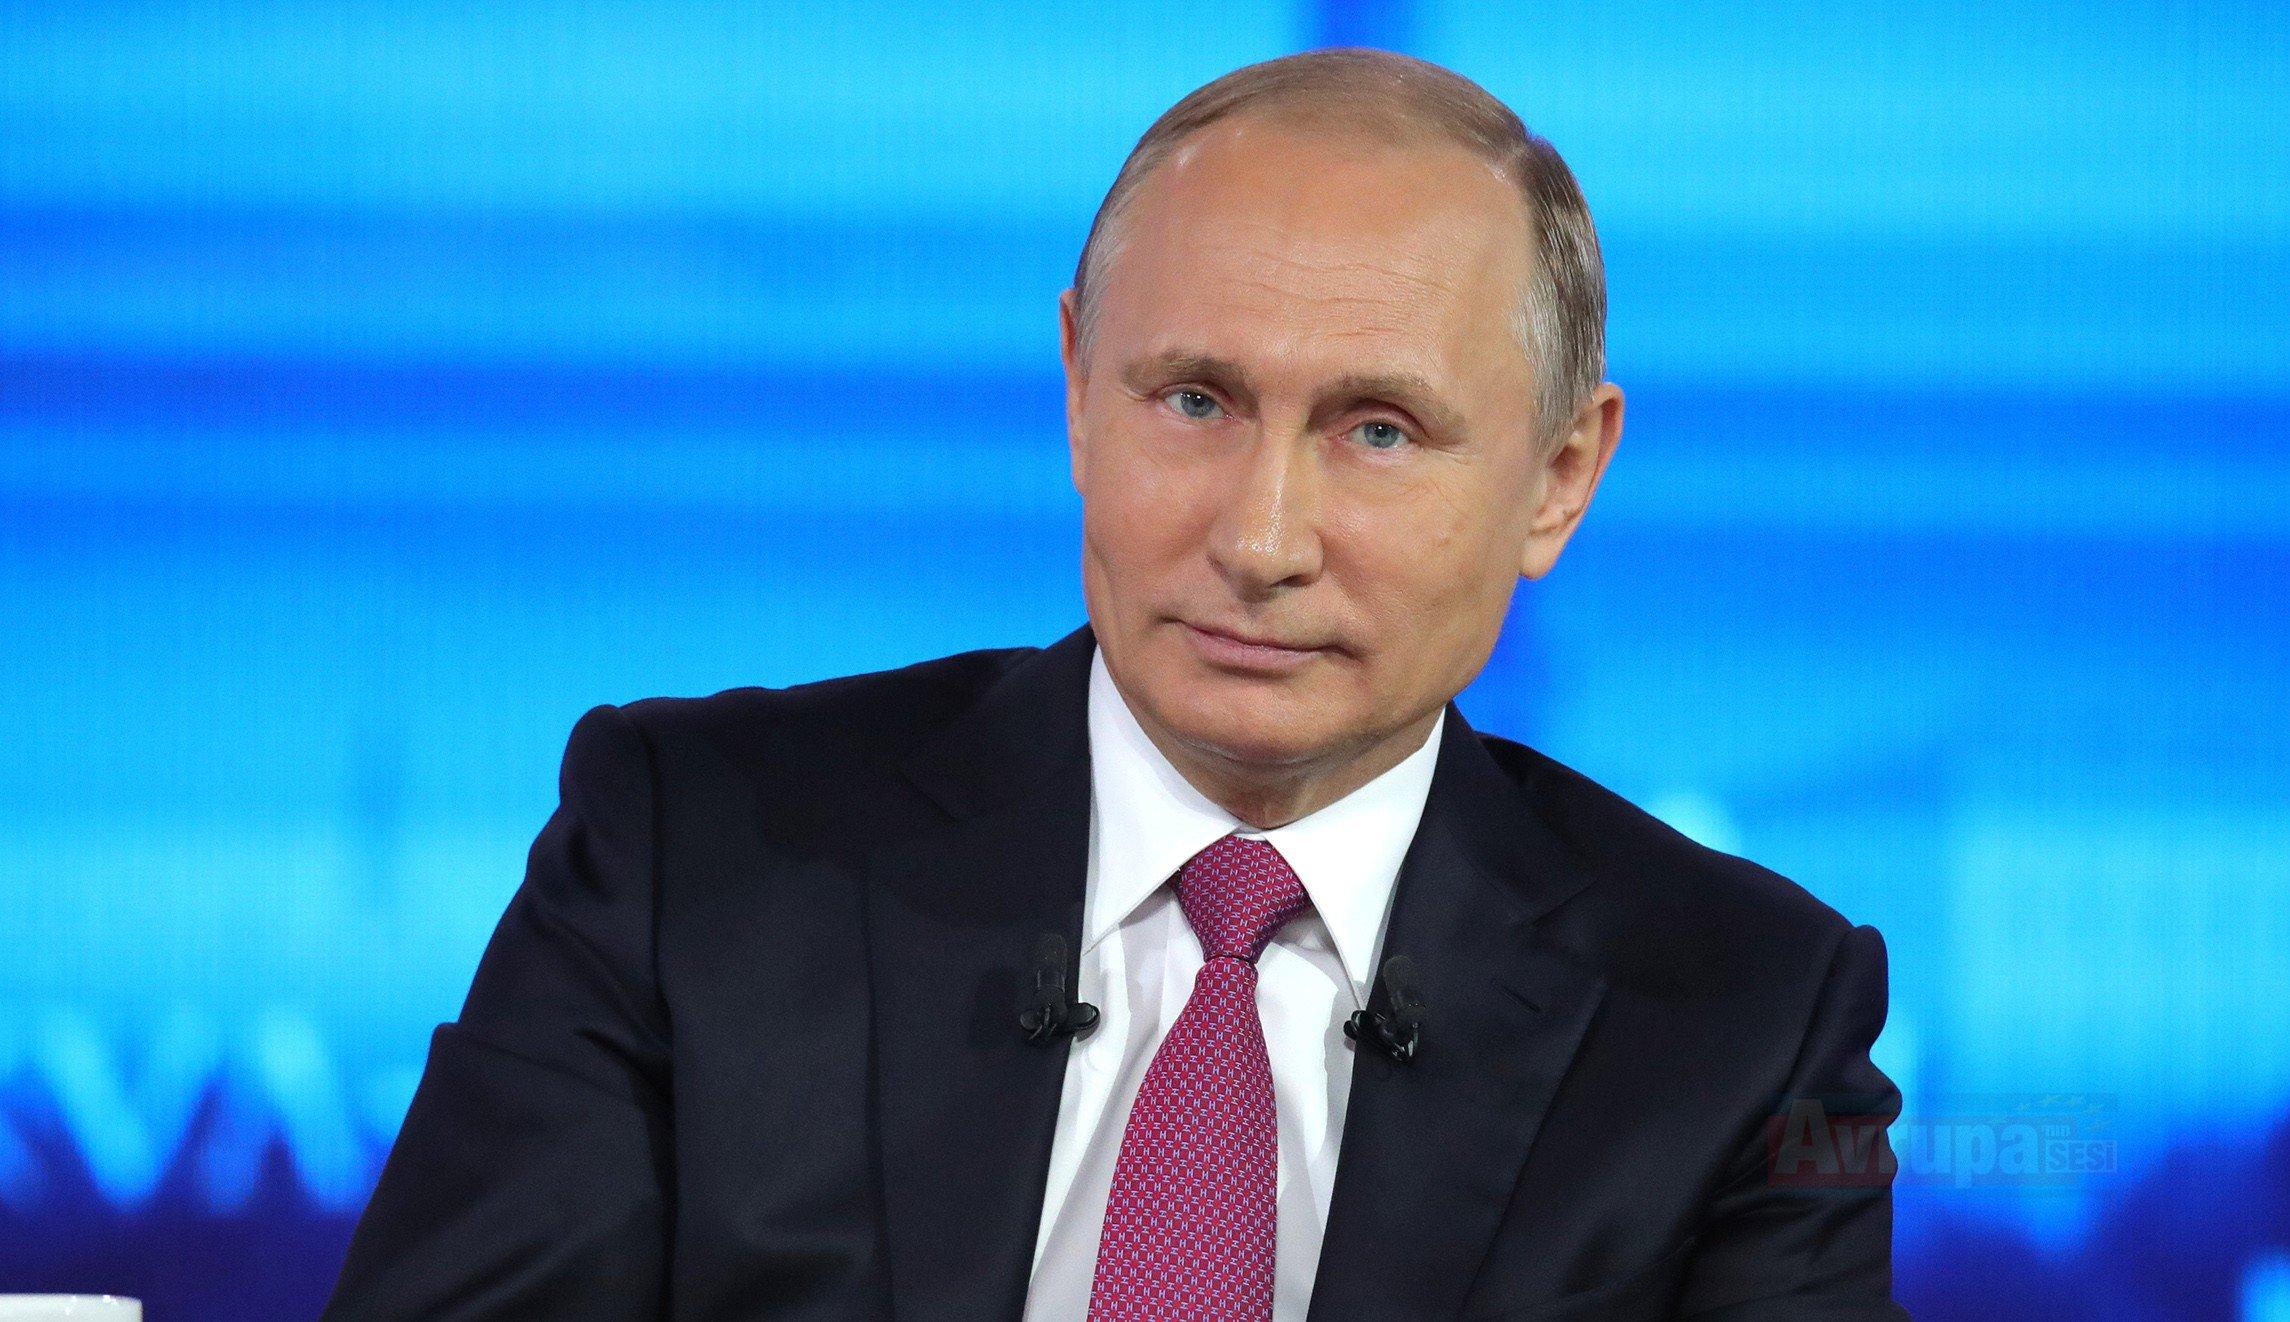 Rusya Devlet Başkanı Putin: Türk dostlarımızın menfaatlerine saygı duyuyoruz